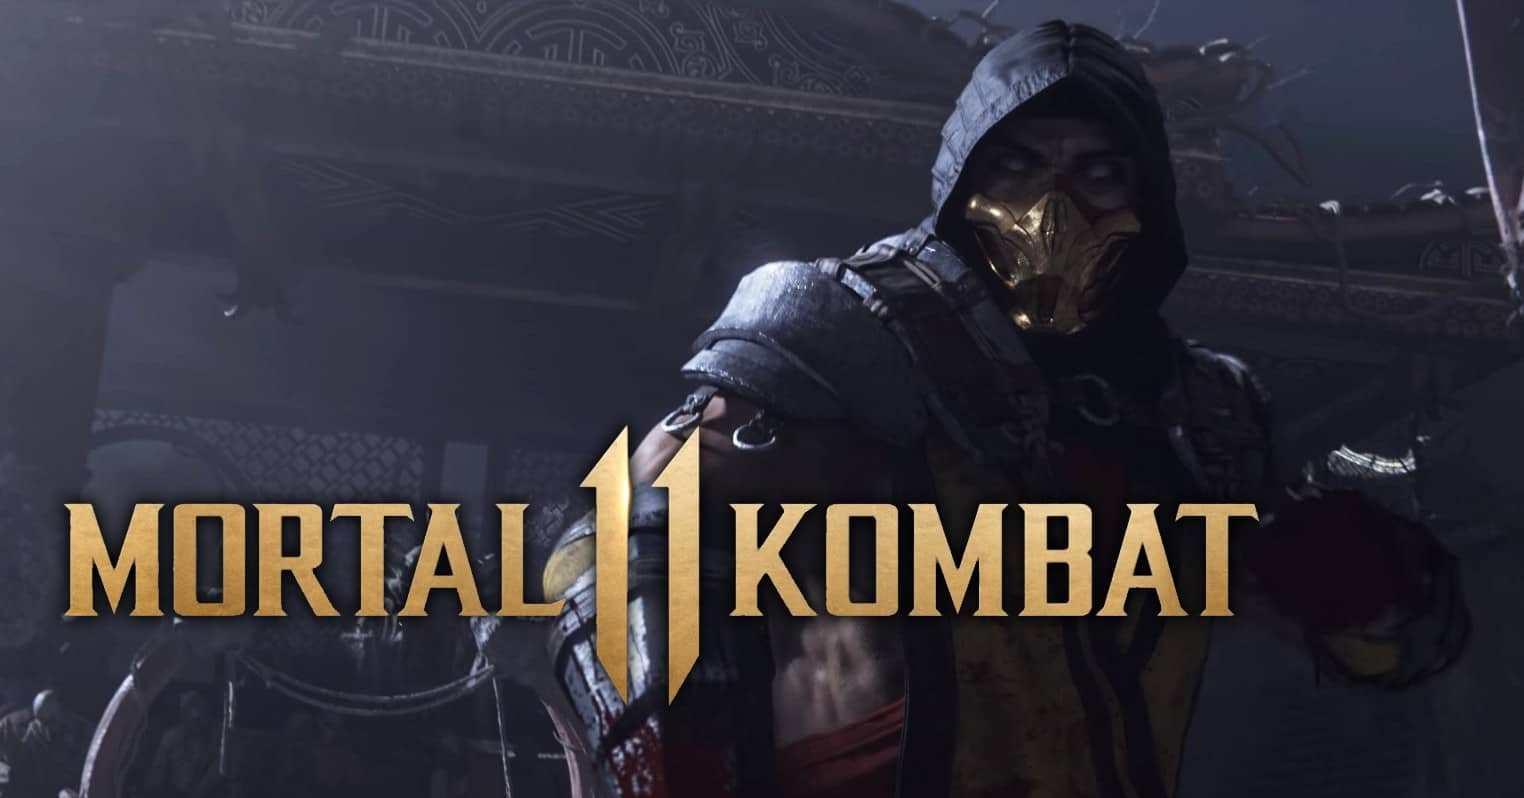 Nintendo venderá Mortal Kombat 11 na loja brasileira; Lançamento em 23 de abril